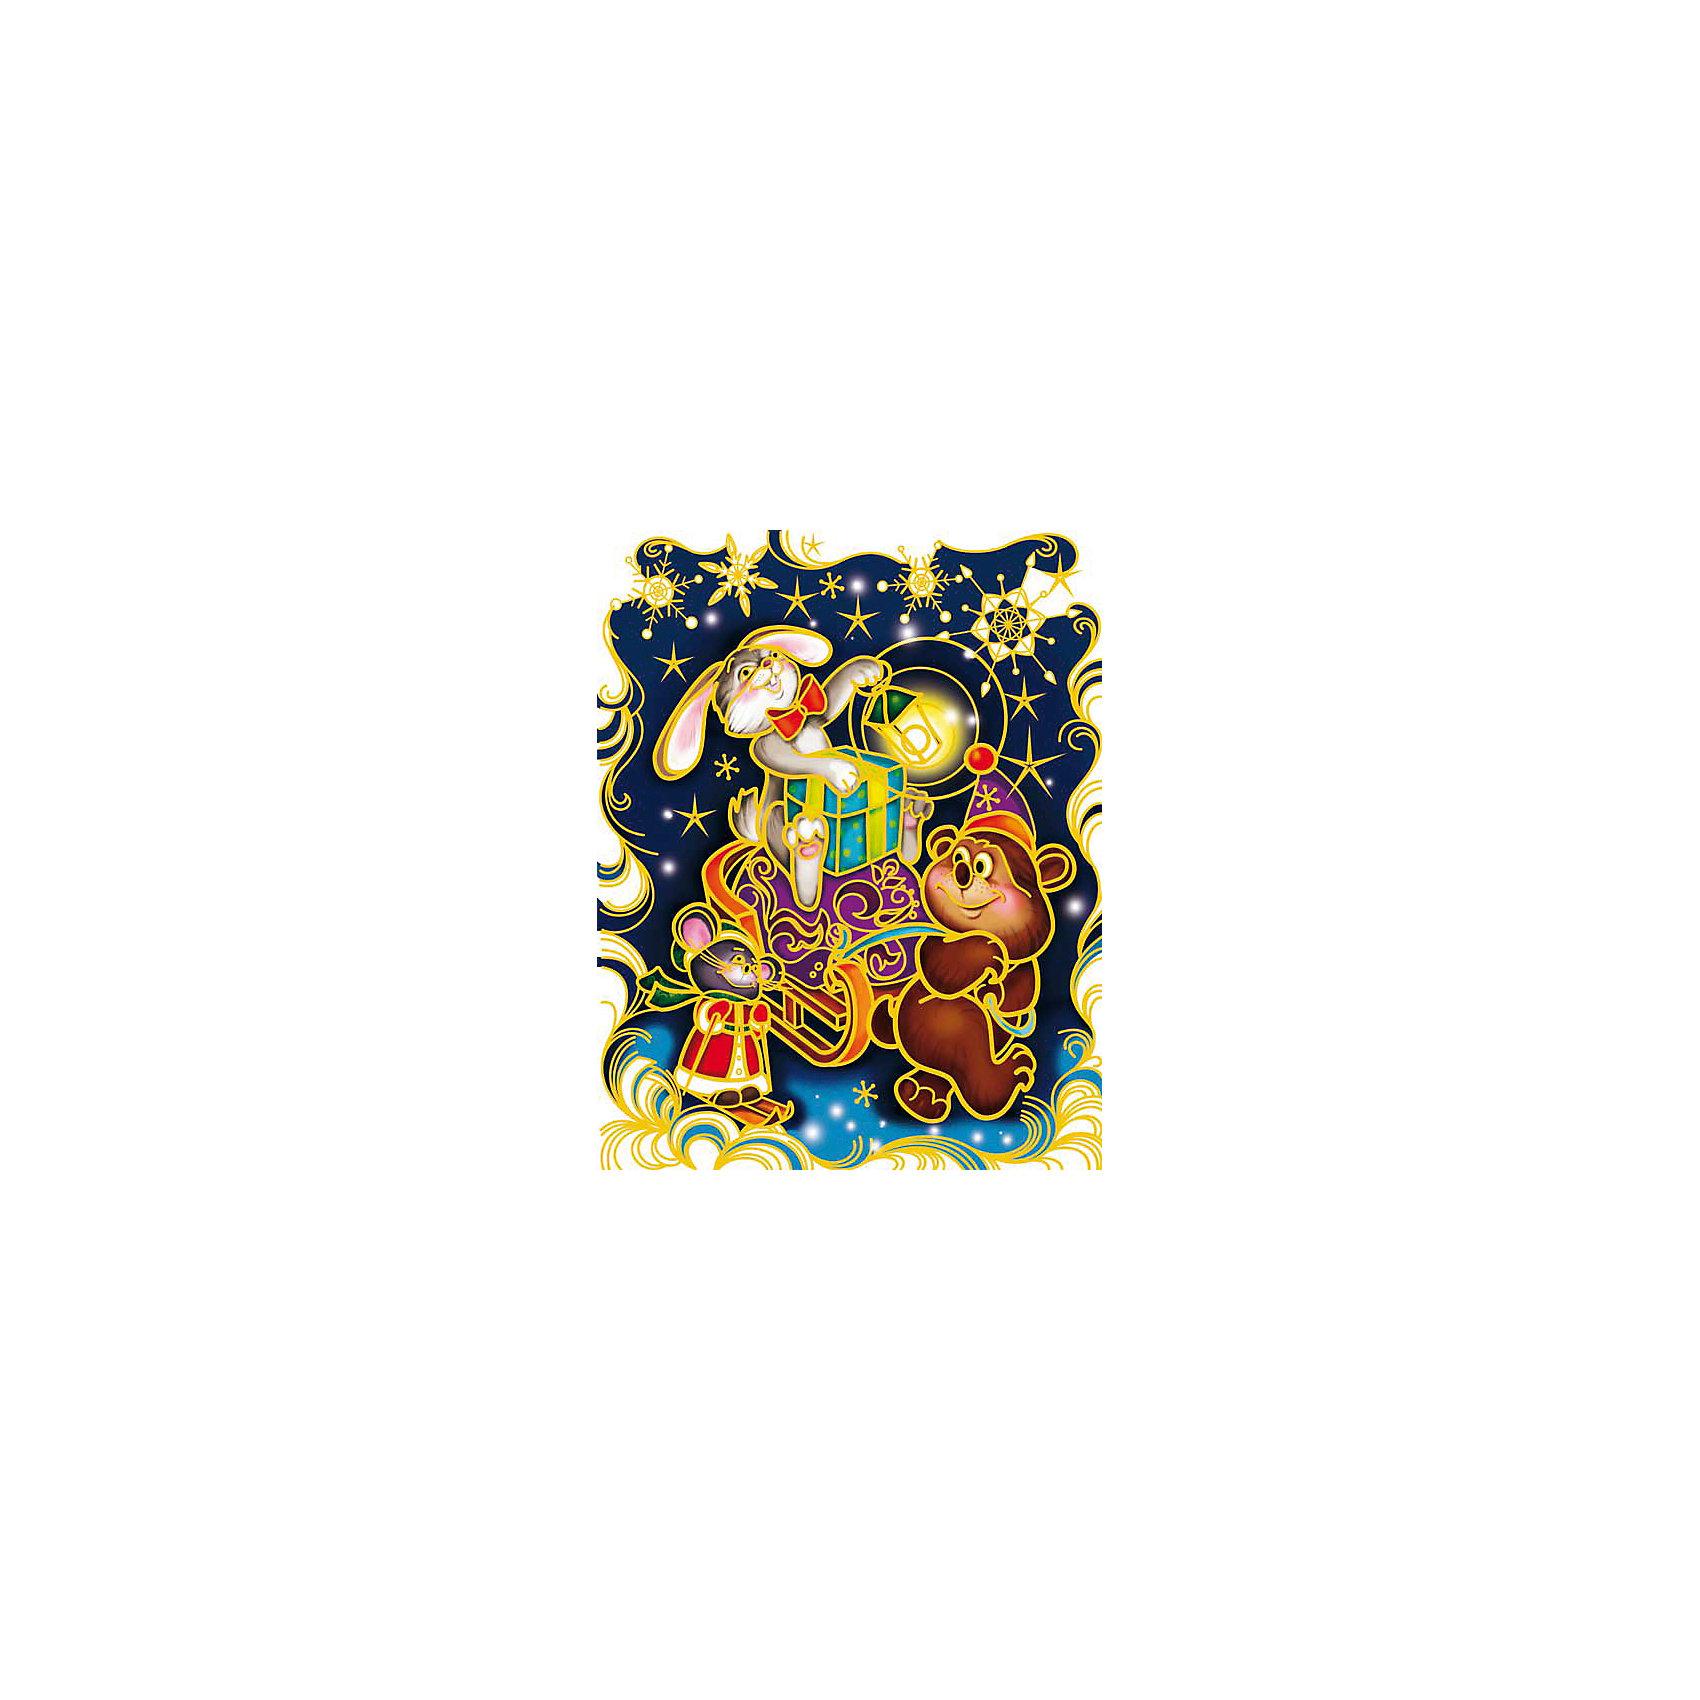 Украшение на окно С Новым Годом! 30*38 смУкрашение на окно С Новым Годом!, Феникс-Презент, замечательно украсит Ваш интерьер и создаст праздничное новогоднее настроение. В комплекте красочная наклейка с изображениями забавных лесных зверюшек, везущих сани с новогодними подарками. Рисунок декорирован<br>глиттером, прочно крепится к стеклу с помощью прозрачной клейкой пленки, на которую нанесены изображения. Не оставляет следов на поверхности.<br><br><br>Дополнительная информация:<br><br>- Материал: ПВХ пленка.<br>- Размер листа с наклейками: 30 х 38 см.<br>- Размер упаковки: 0,1 х 32 х 46 см.   <br><br>Украшение на окно С Новым Годом!, Феникс-Презент, можно купить в нашем интернет-магазине.<br><br>Ширина мм: 1<br>Глубина мм: 320<br>Высота мм: 460<br>Вес г: 100<br>Возраст от месяцев: 36<br>Возраст до месяцев: 2147483647<br>Пол: Унисекс<br>Возраст: Детский<br>SKU: 4274693